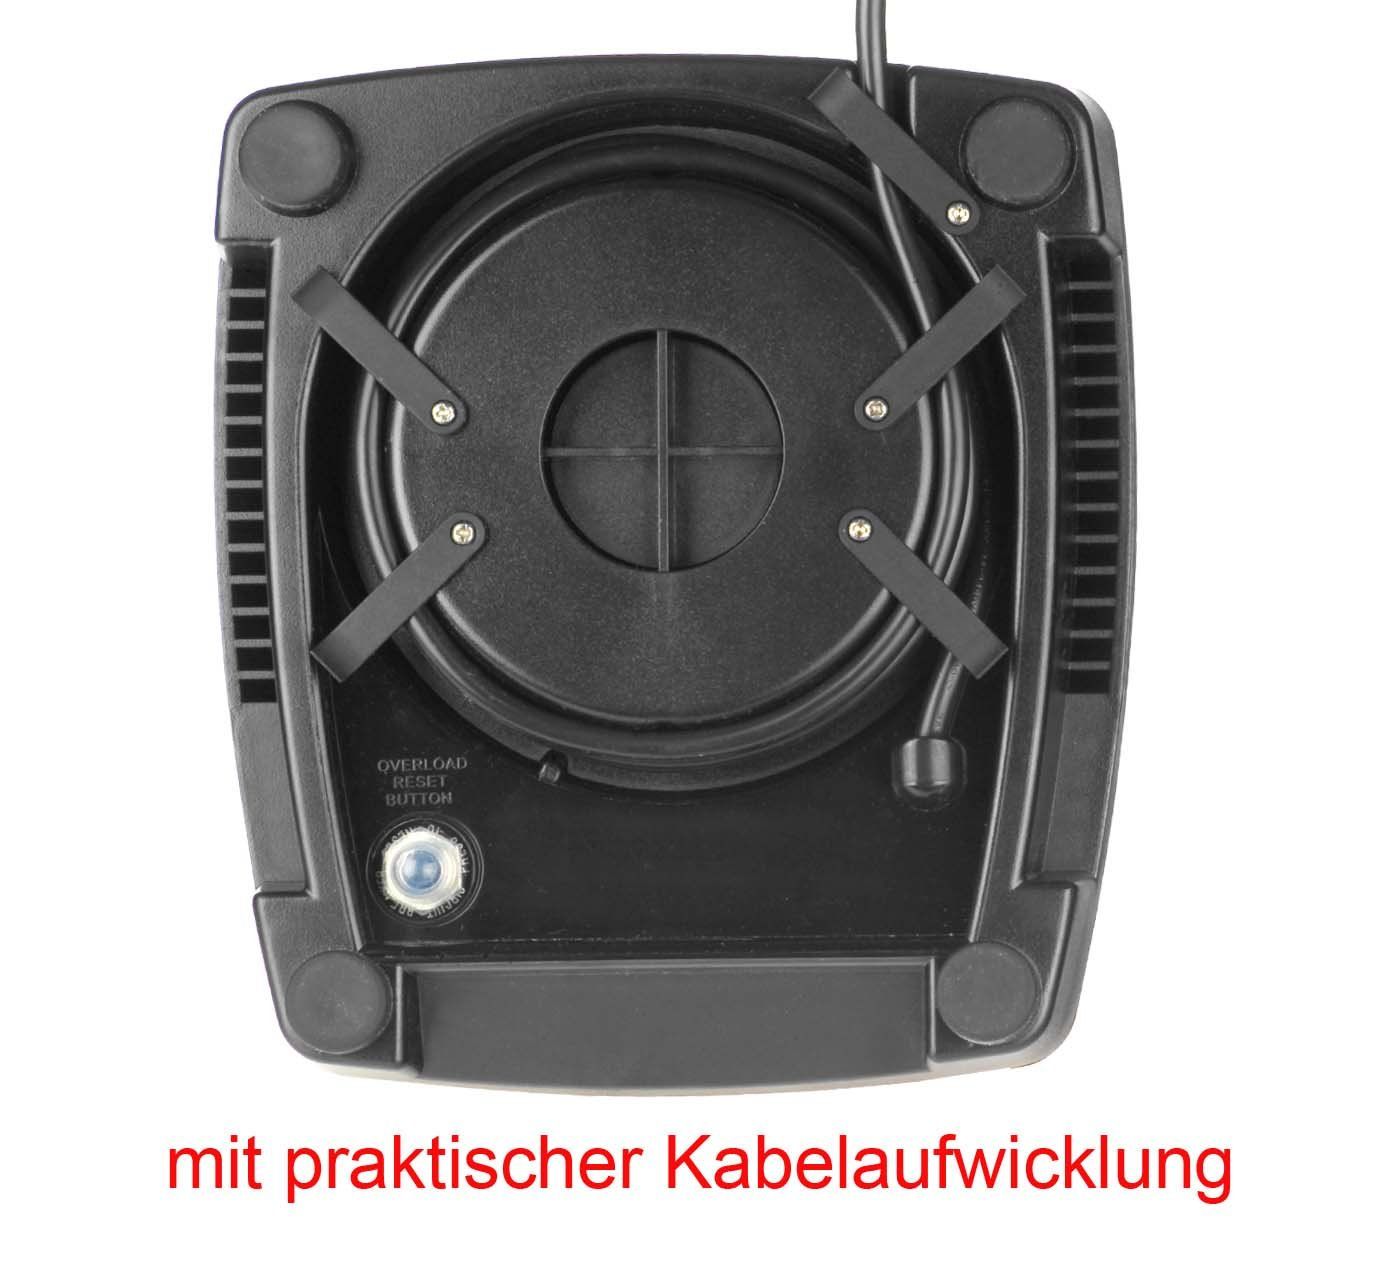 Profi-YaYago-Smoothie-Maker-Power-Mixer-Blender-Icecrusher-mit-Edelstahlmesser-bis-zu-38000-UmdrehungenMinute-ideal-fr-Smoothies